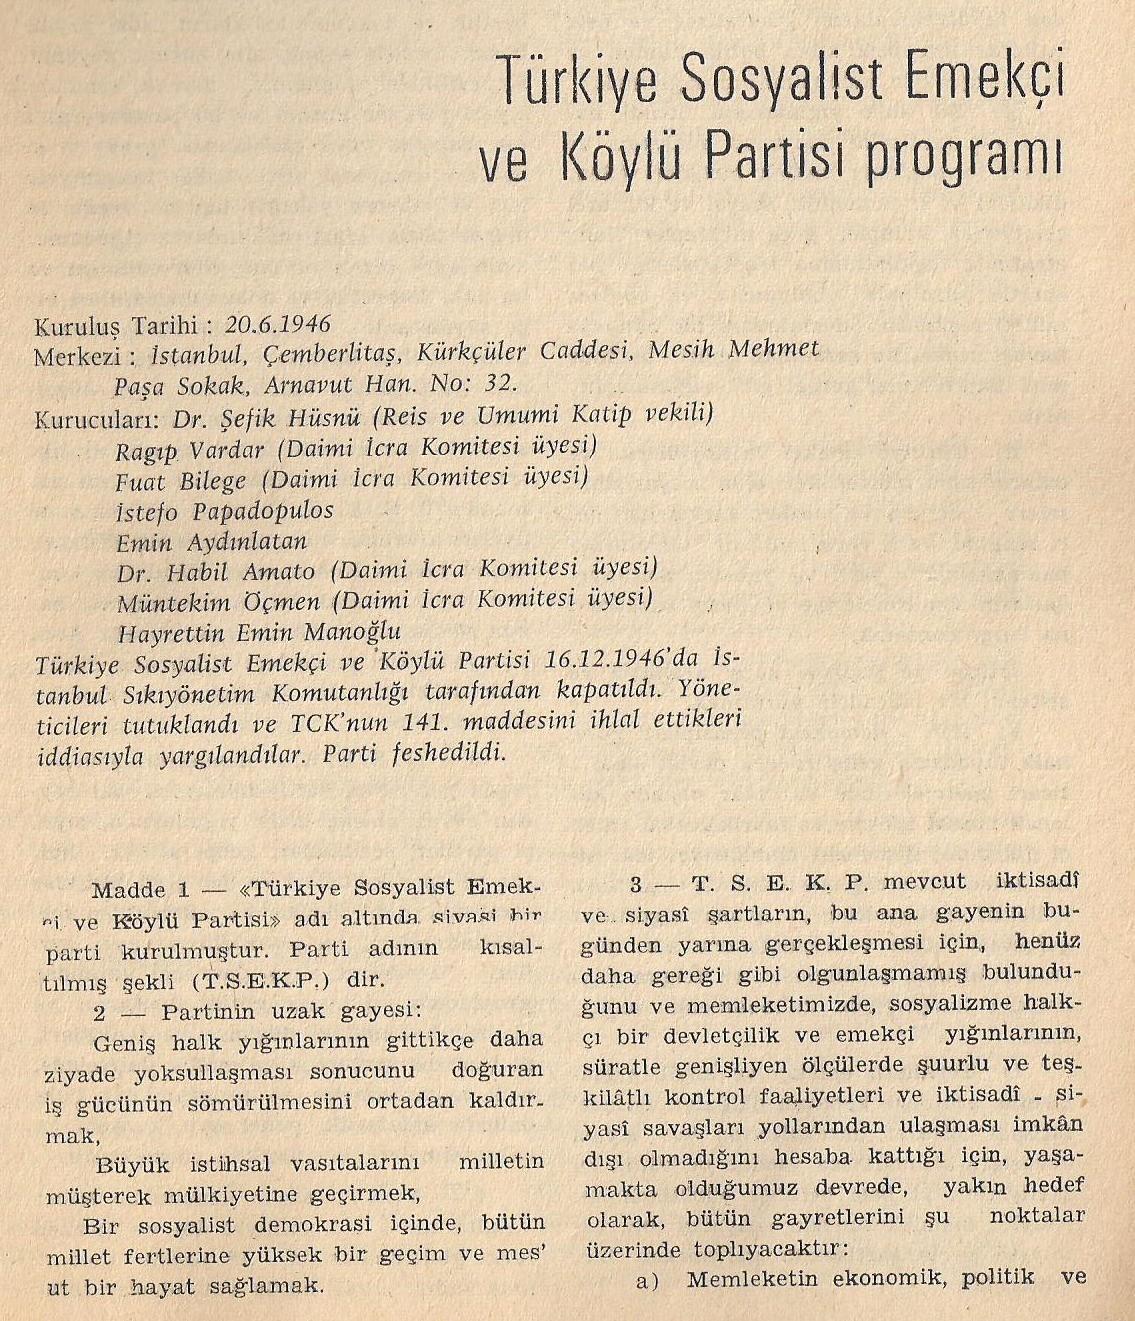 Türkiye Sosyalist Emekçi ve Köylü Partisi Programı